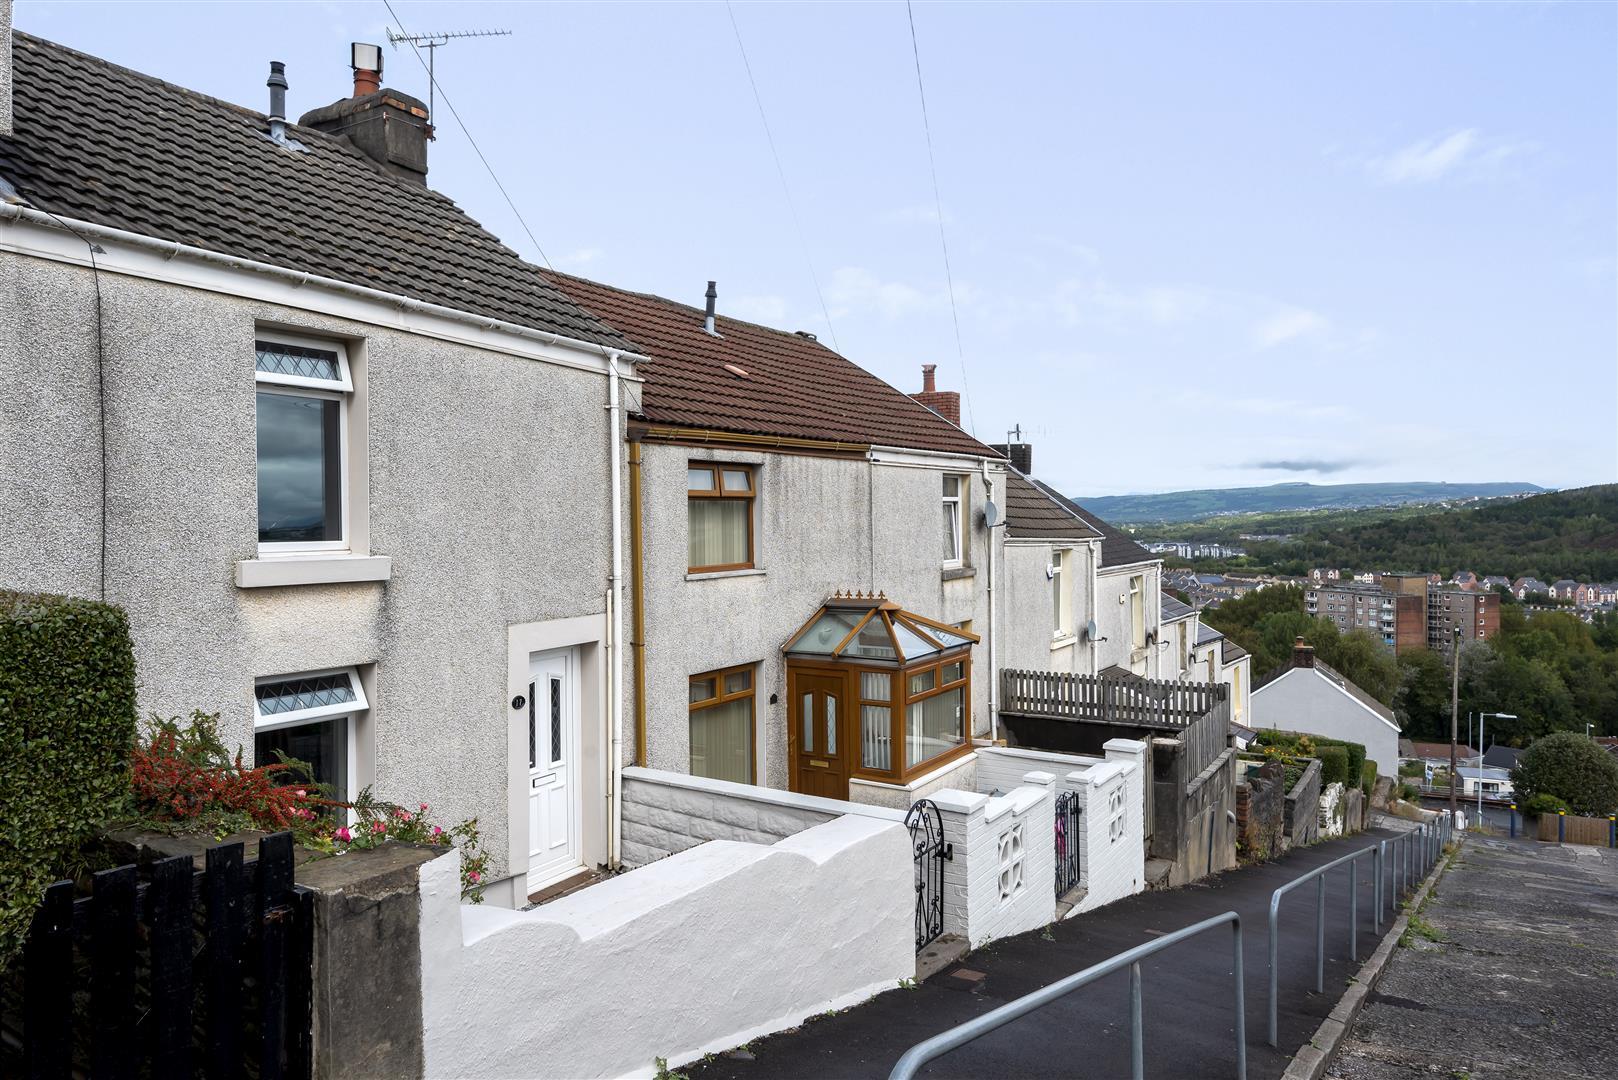 Baptist Well Place, Swansea, SA1 6FR